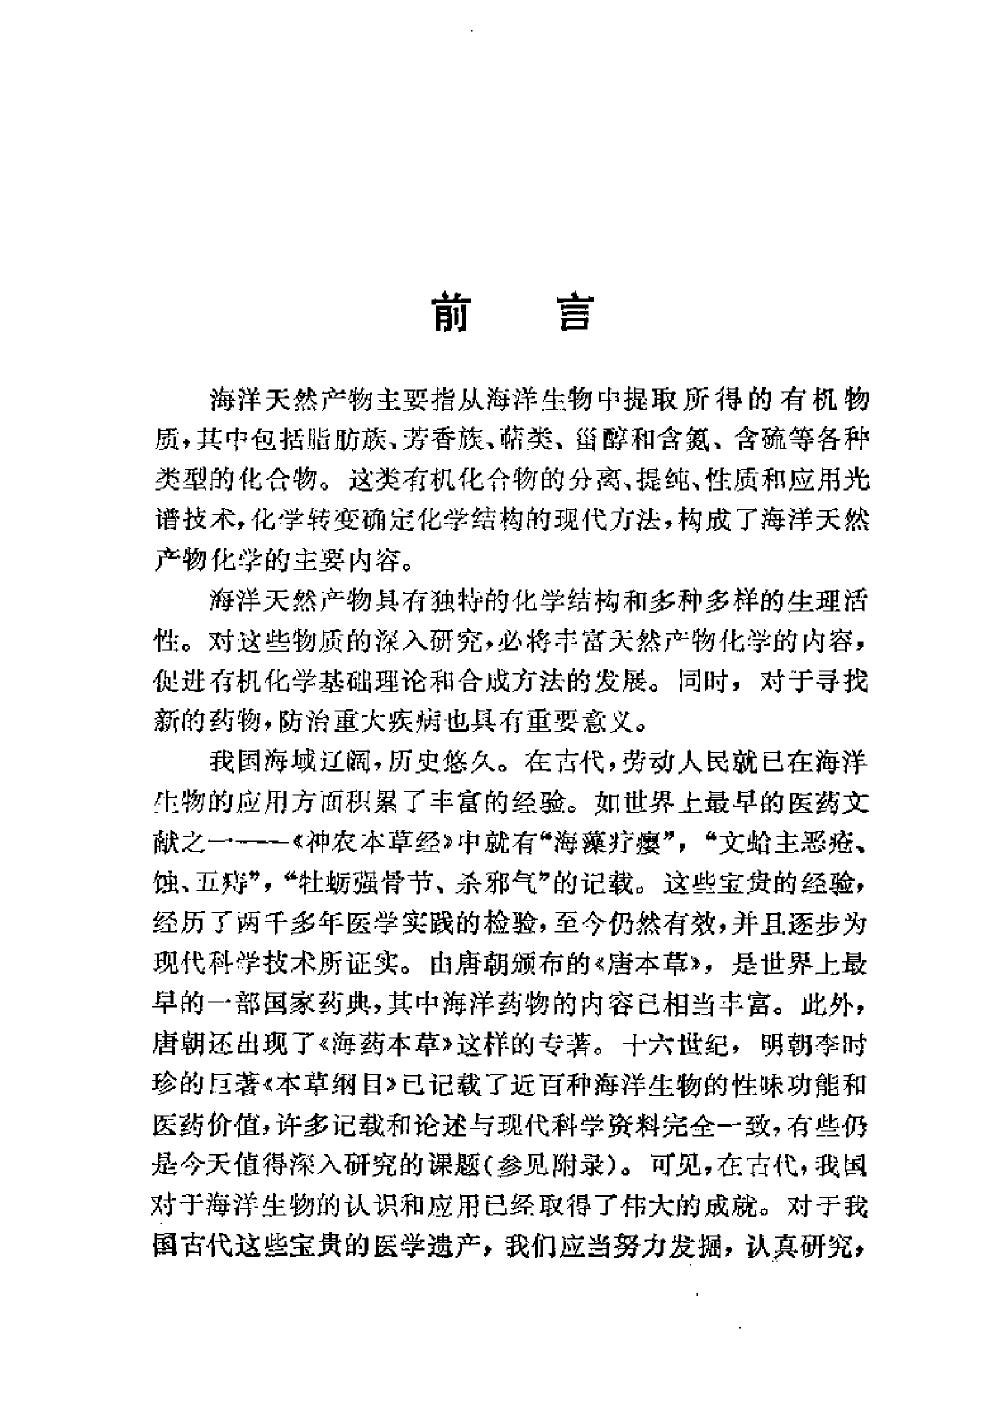 药物化学习题集_海洋天然产物化学 第一卷_图书 - 爱学术